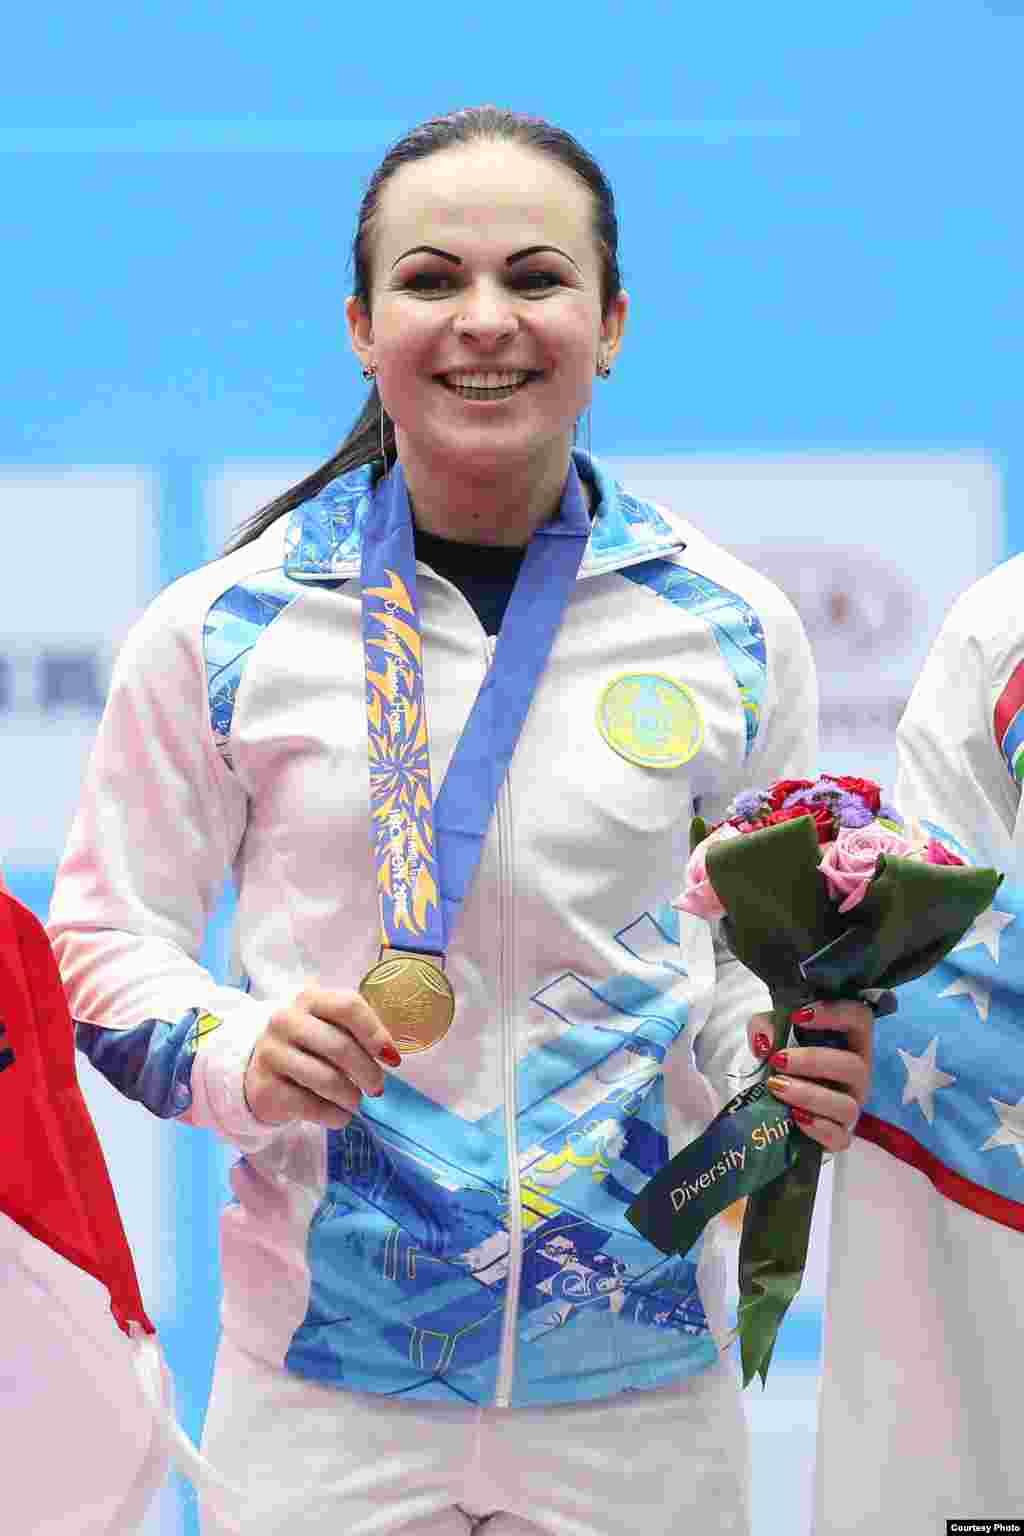 Казахстанская тяжелоатлетка Маргарита Елисеева (48 килограммов) поднялась на первую ступень пьедестала. Инчхон, 20 сентября 2014 года. Фото пресс-службы комитета спорта и физической культуры.